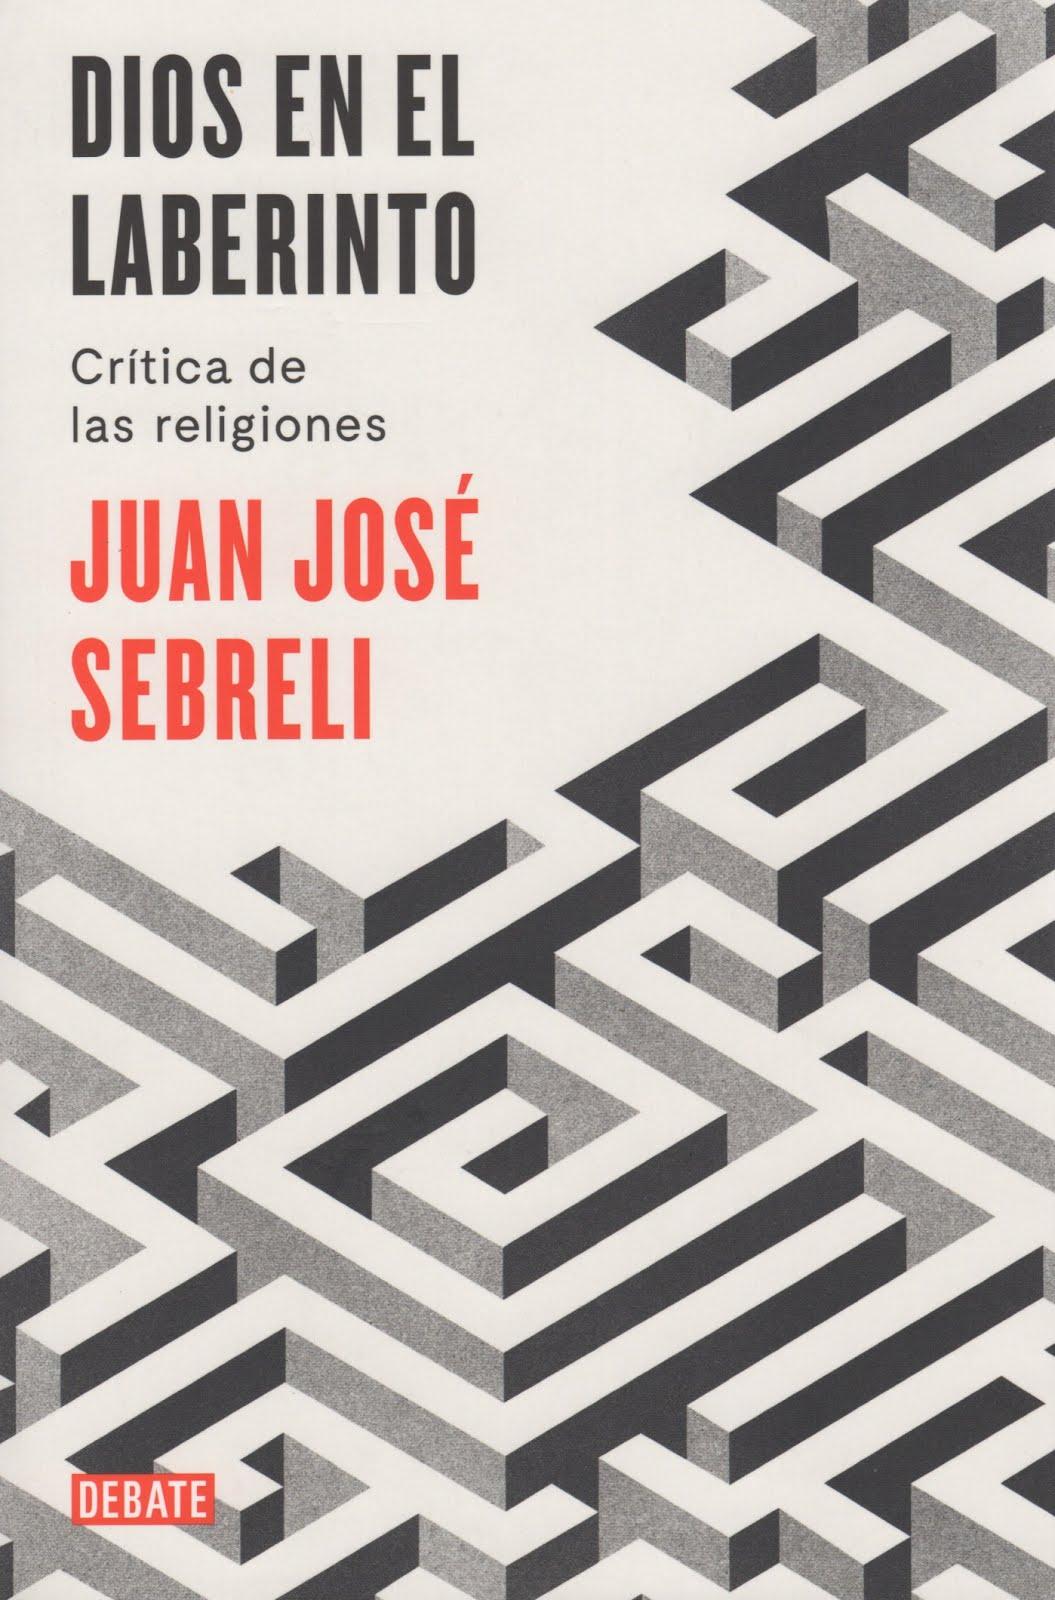 Juan José Sebreli (Dios en el laberinto) Crítica de las religiones